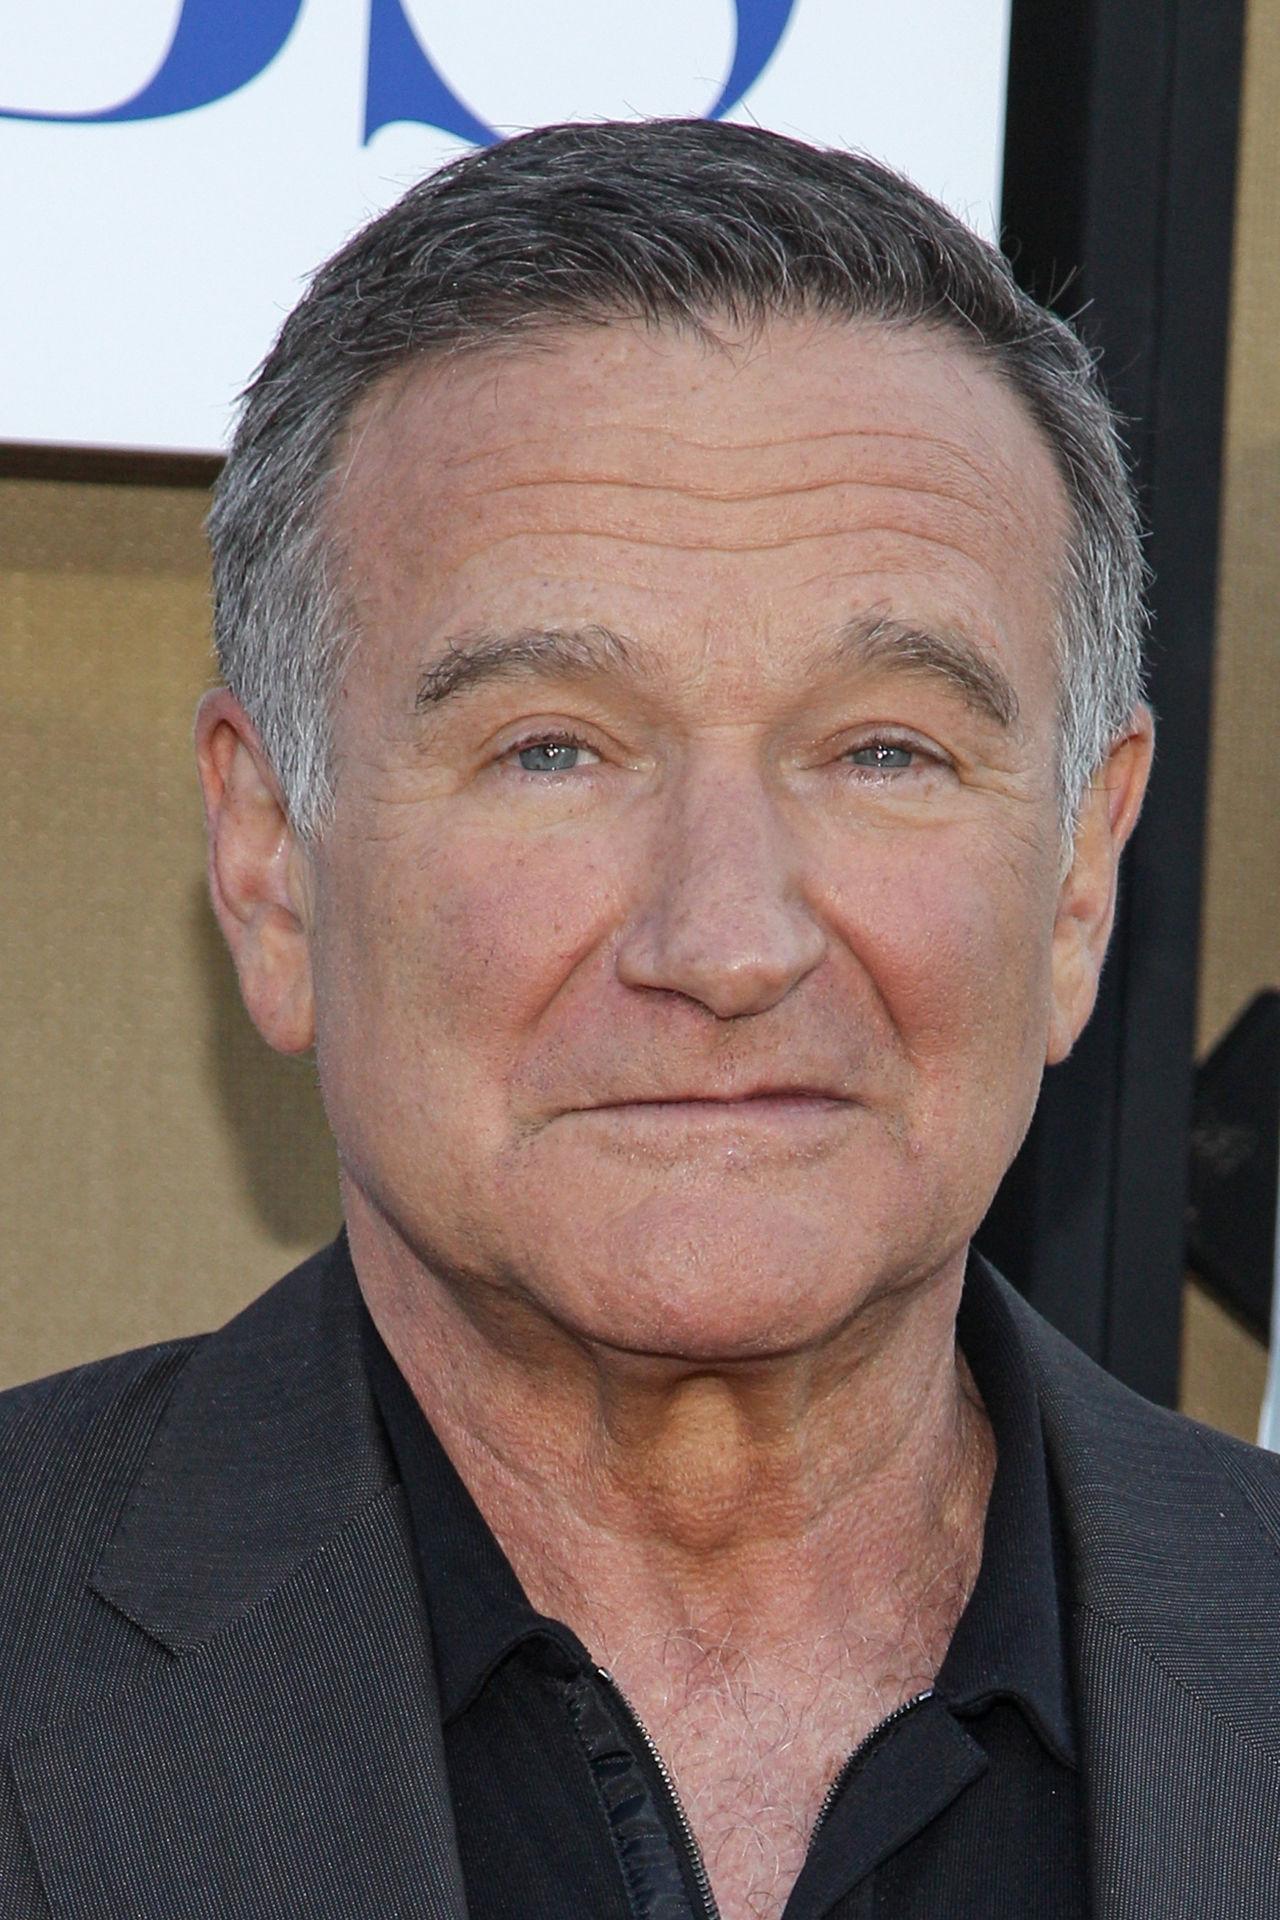 ��� ������ �������� ���� ������� 2015 , ���� ��� ���� ������� 2015 Robin Williams